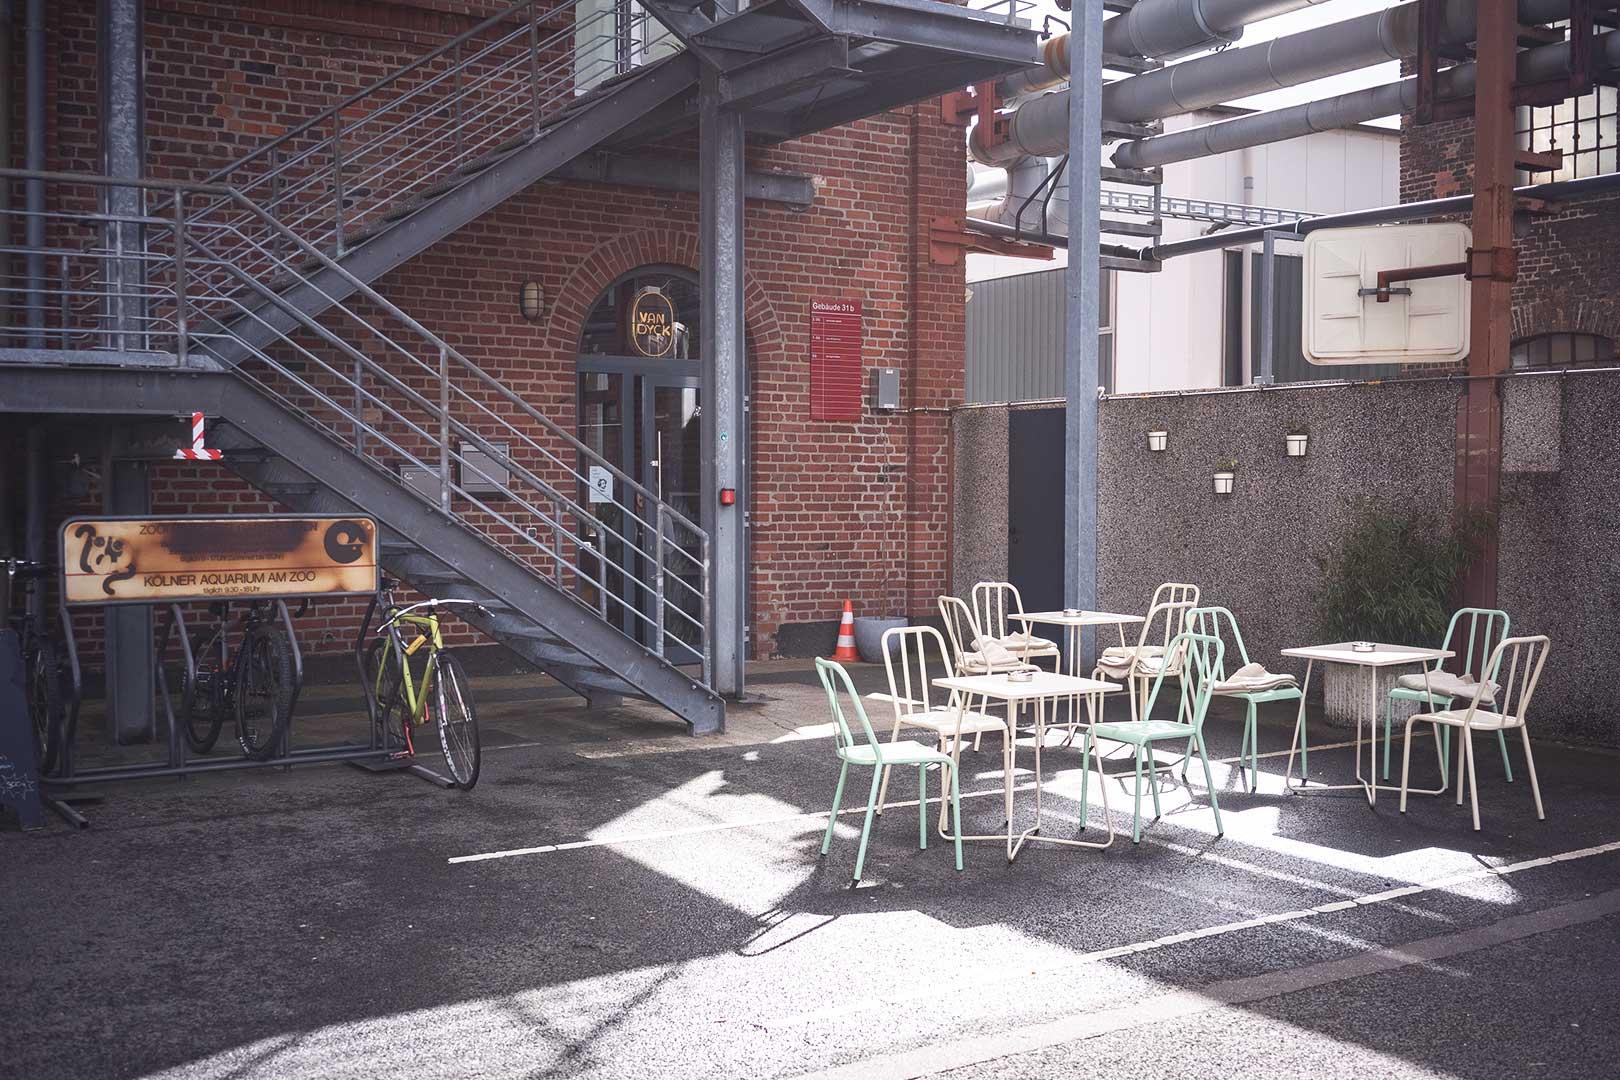 Geheimtipp Tipp Koeln Restaurant Essen gehen hochwertiger Kaffee Kaffeerösterei Rösterei